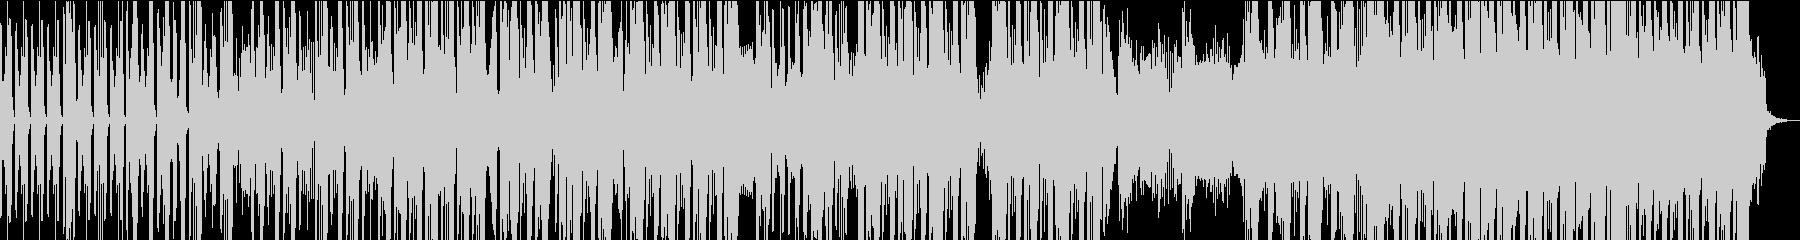 エッジの効いたロボット的なサウンドの未再生の波形